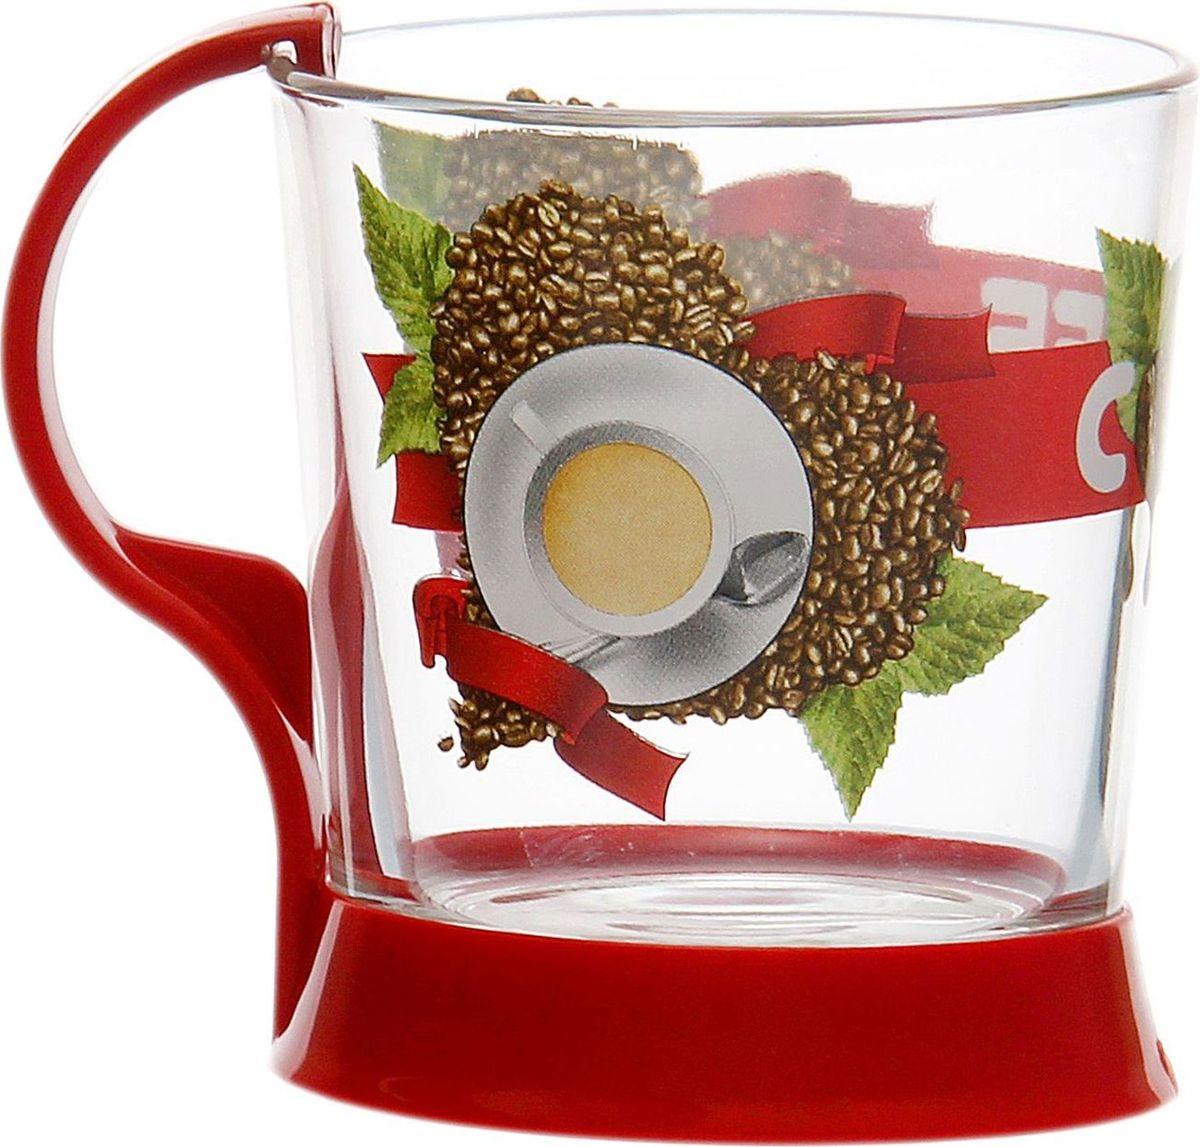 Кружка для чая Декостек Сoffee hear, 250 мл. 1781332VT-1520(SR)От качества посуды зависит не только вкус еды, но и здоровье человека. Кружка чайная — товар, соответствующий российским стандартам качества. Любой хозяйке будет приятно держать его в руках. С нашей посудой и кухонной утварью приготовление еды и сервировка стола превратятся в настоящий праздник.